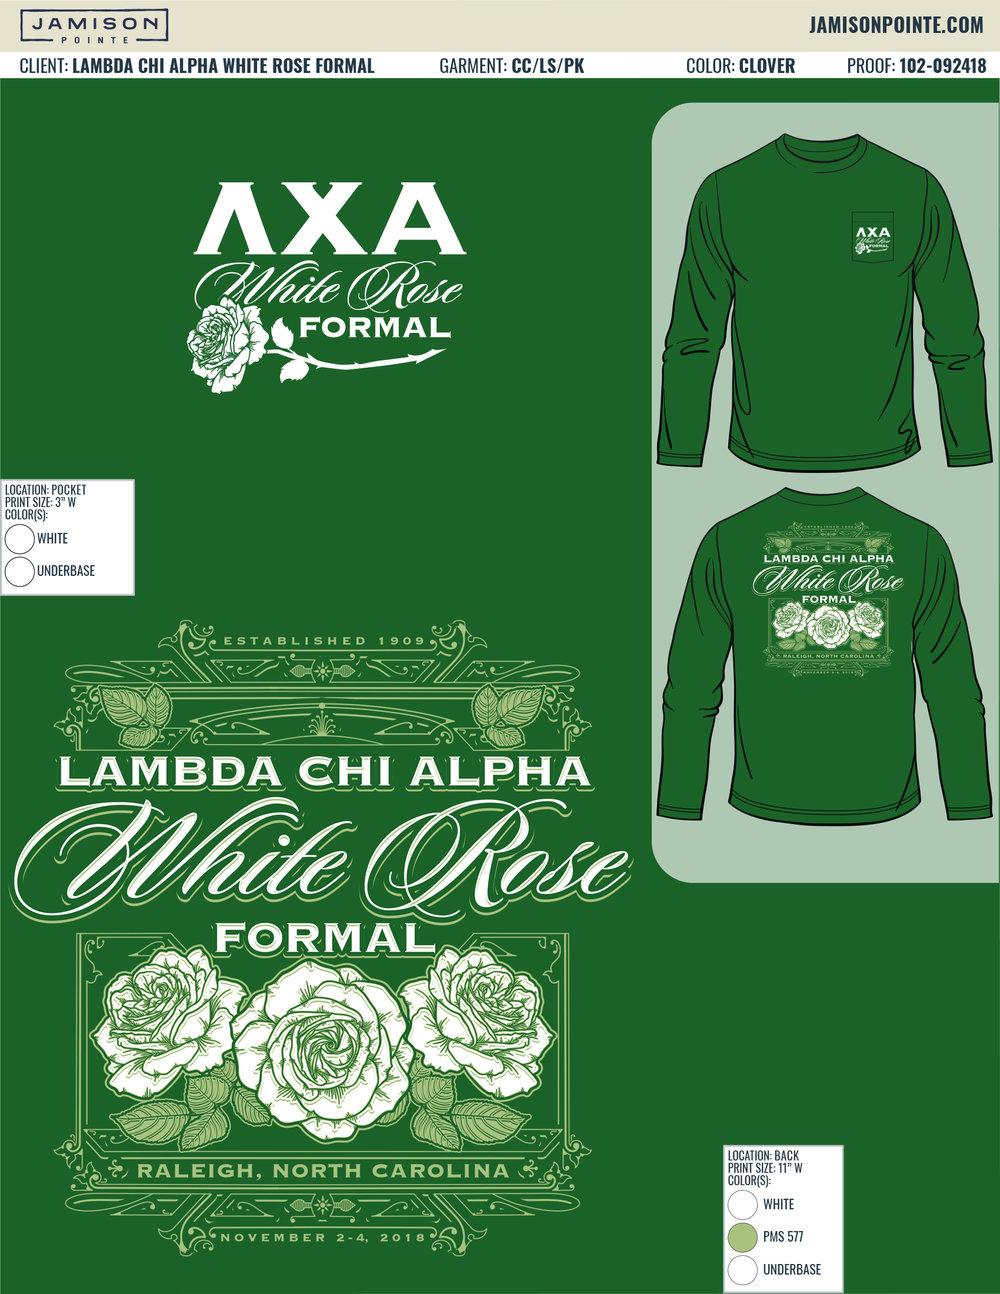 102-092418 Lambda Chi Alpha White Rose Formal.jpg